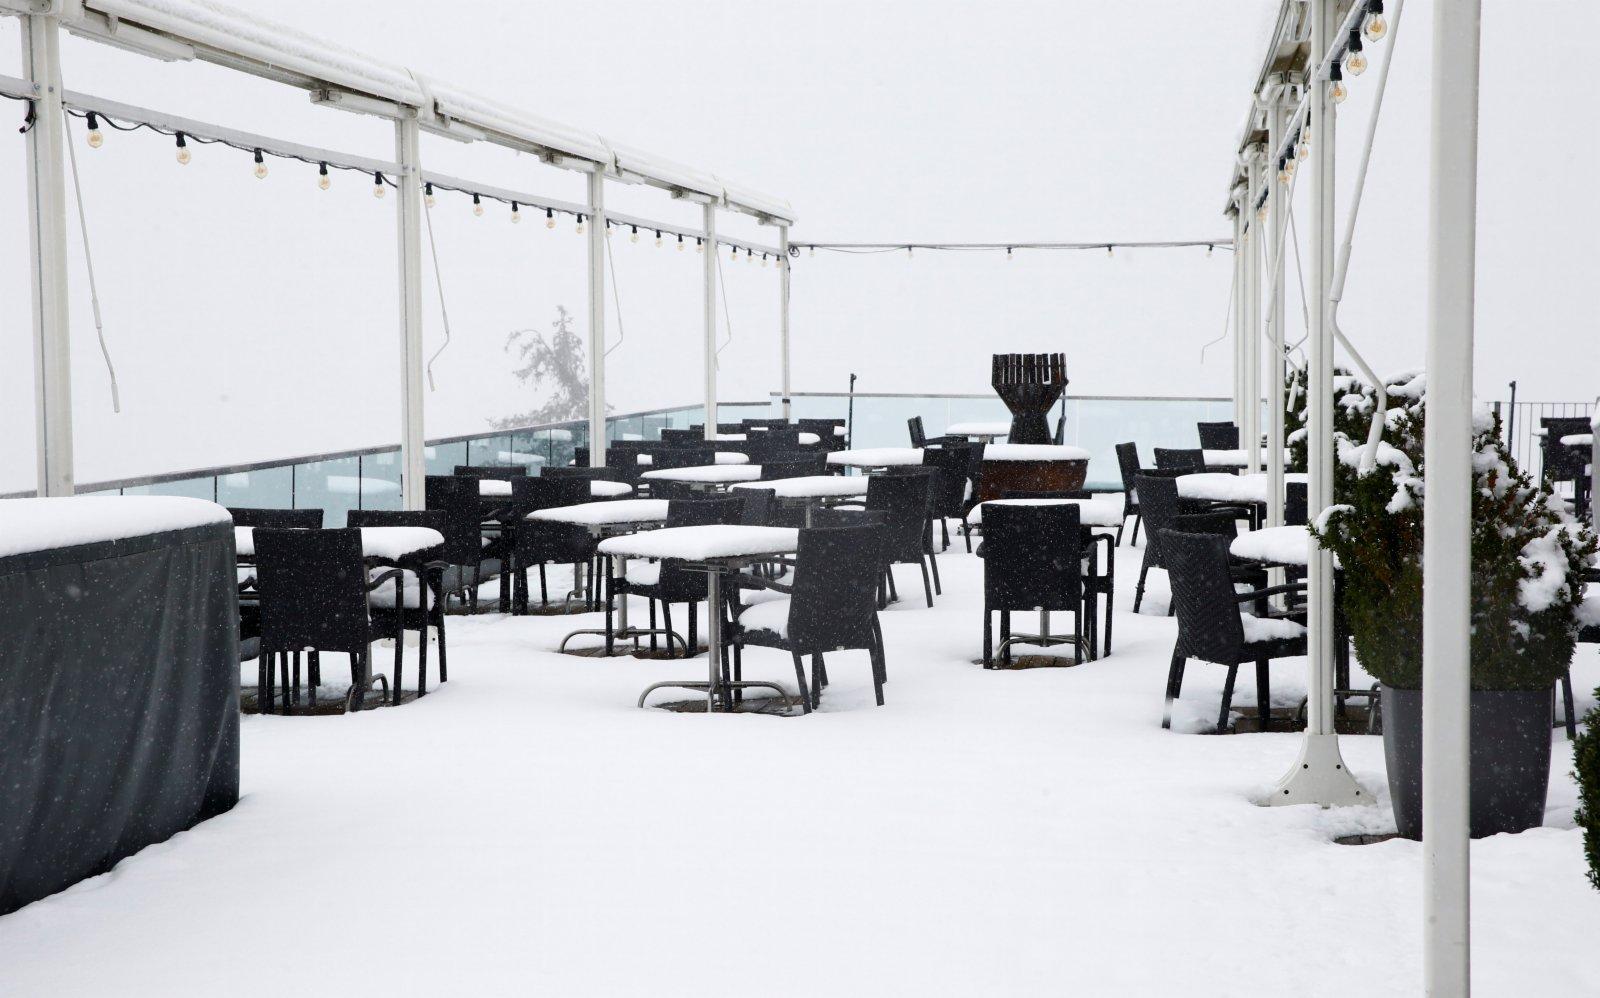 圖為一家餐廳露台上的椅子和桌子上積雪覆蓋。(路透社)